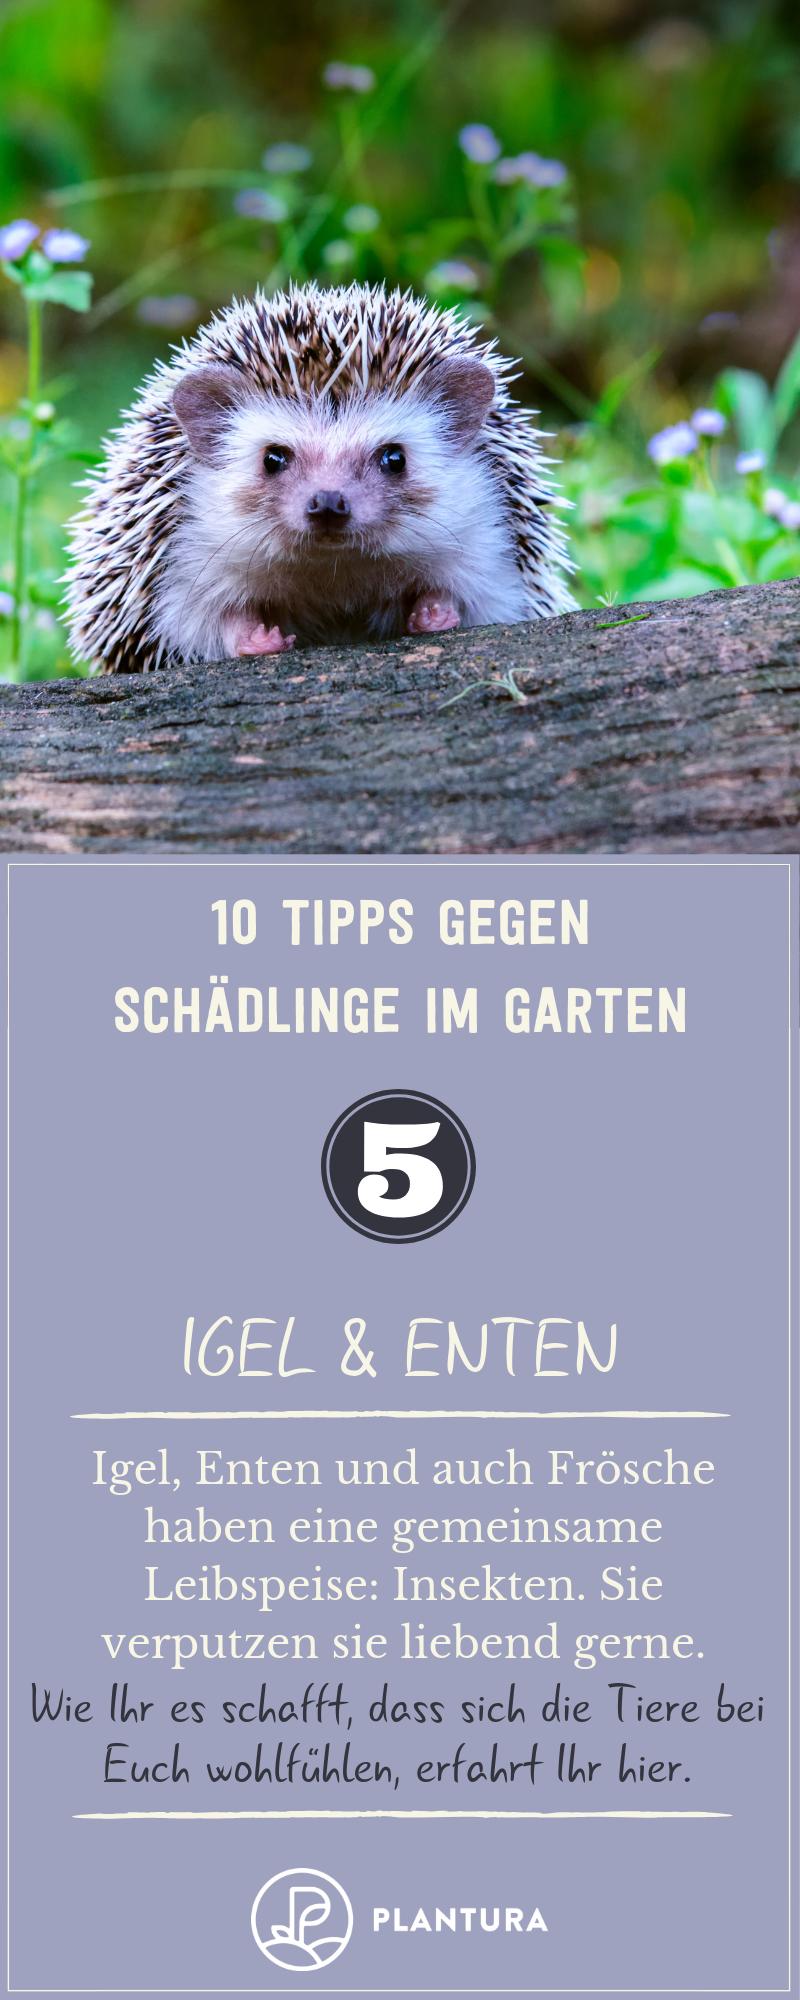 10 Hausmittel Gegen Schädlinge Im Garten Schädlinge Im Garten Ferret